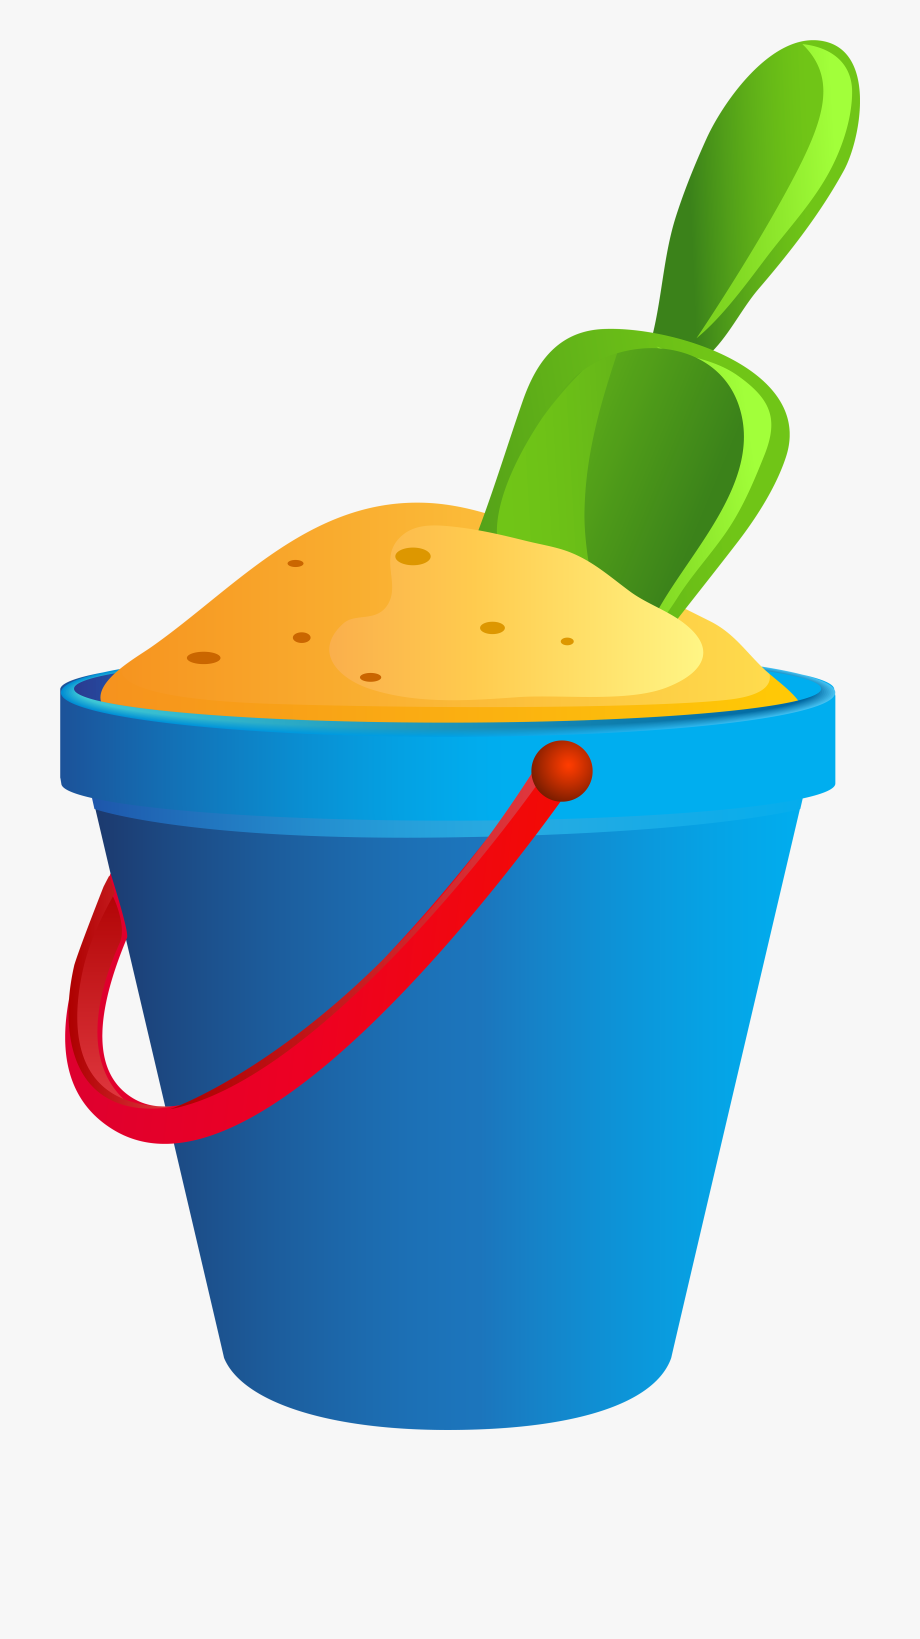 Ostrich pail clip art. Bucket clipart sand bucket